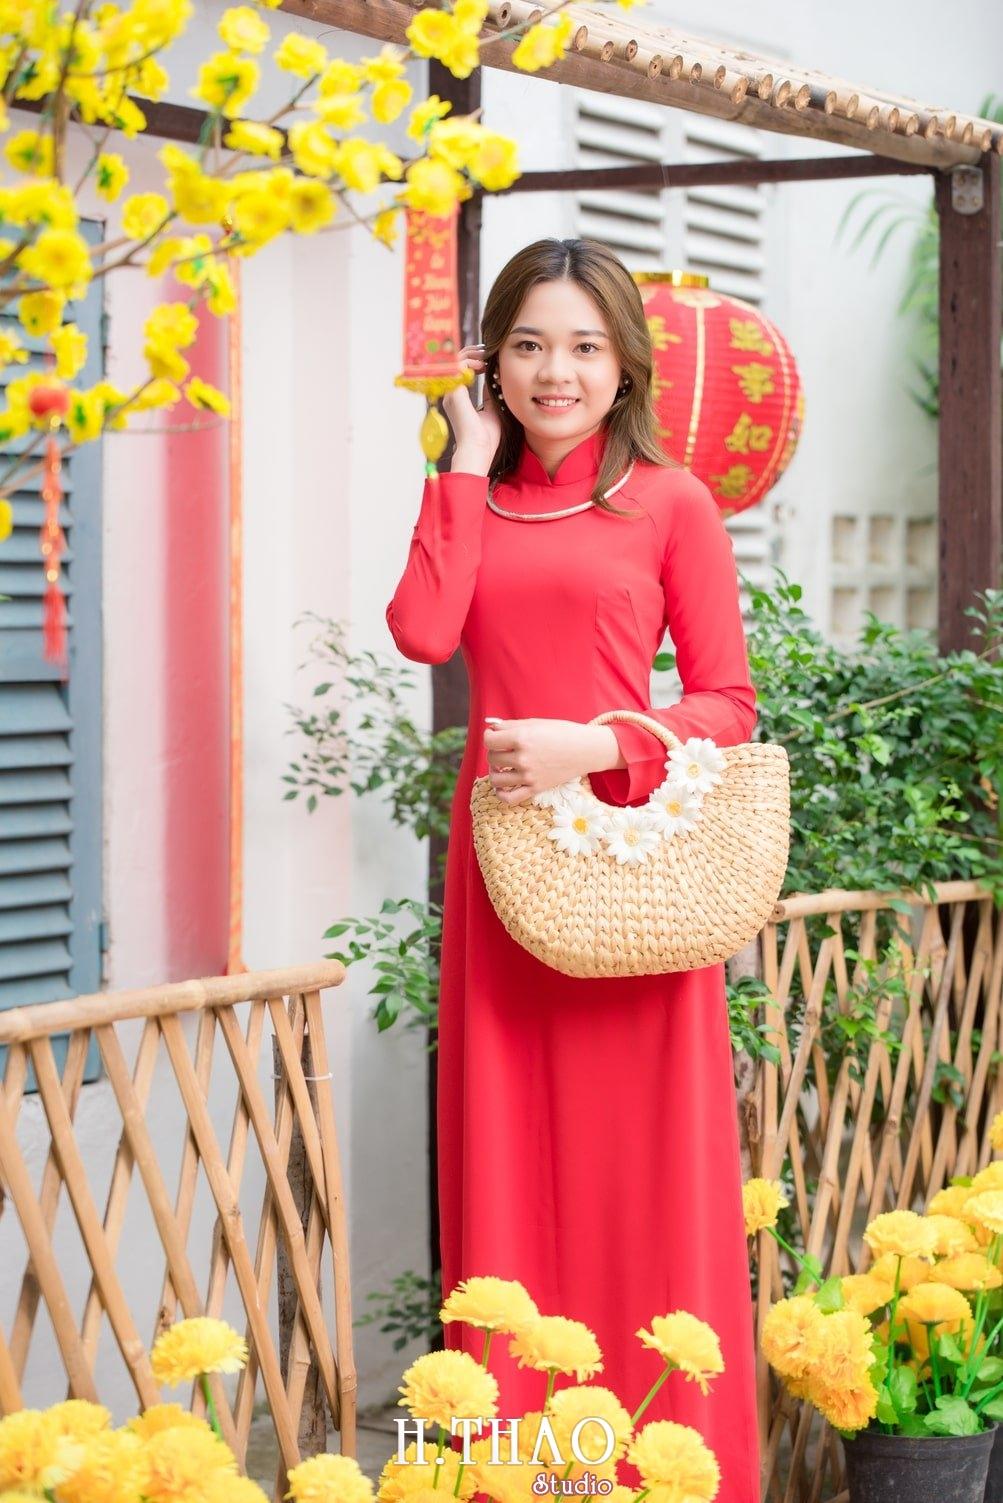 Ao dai tet do 11 - Top 40 ảnh áo dài chụp với Hoa đào, hoa mai tết tuyệt đẹp- HThao Studio